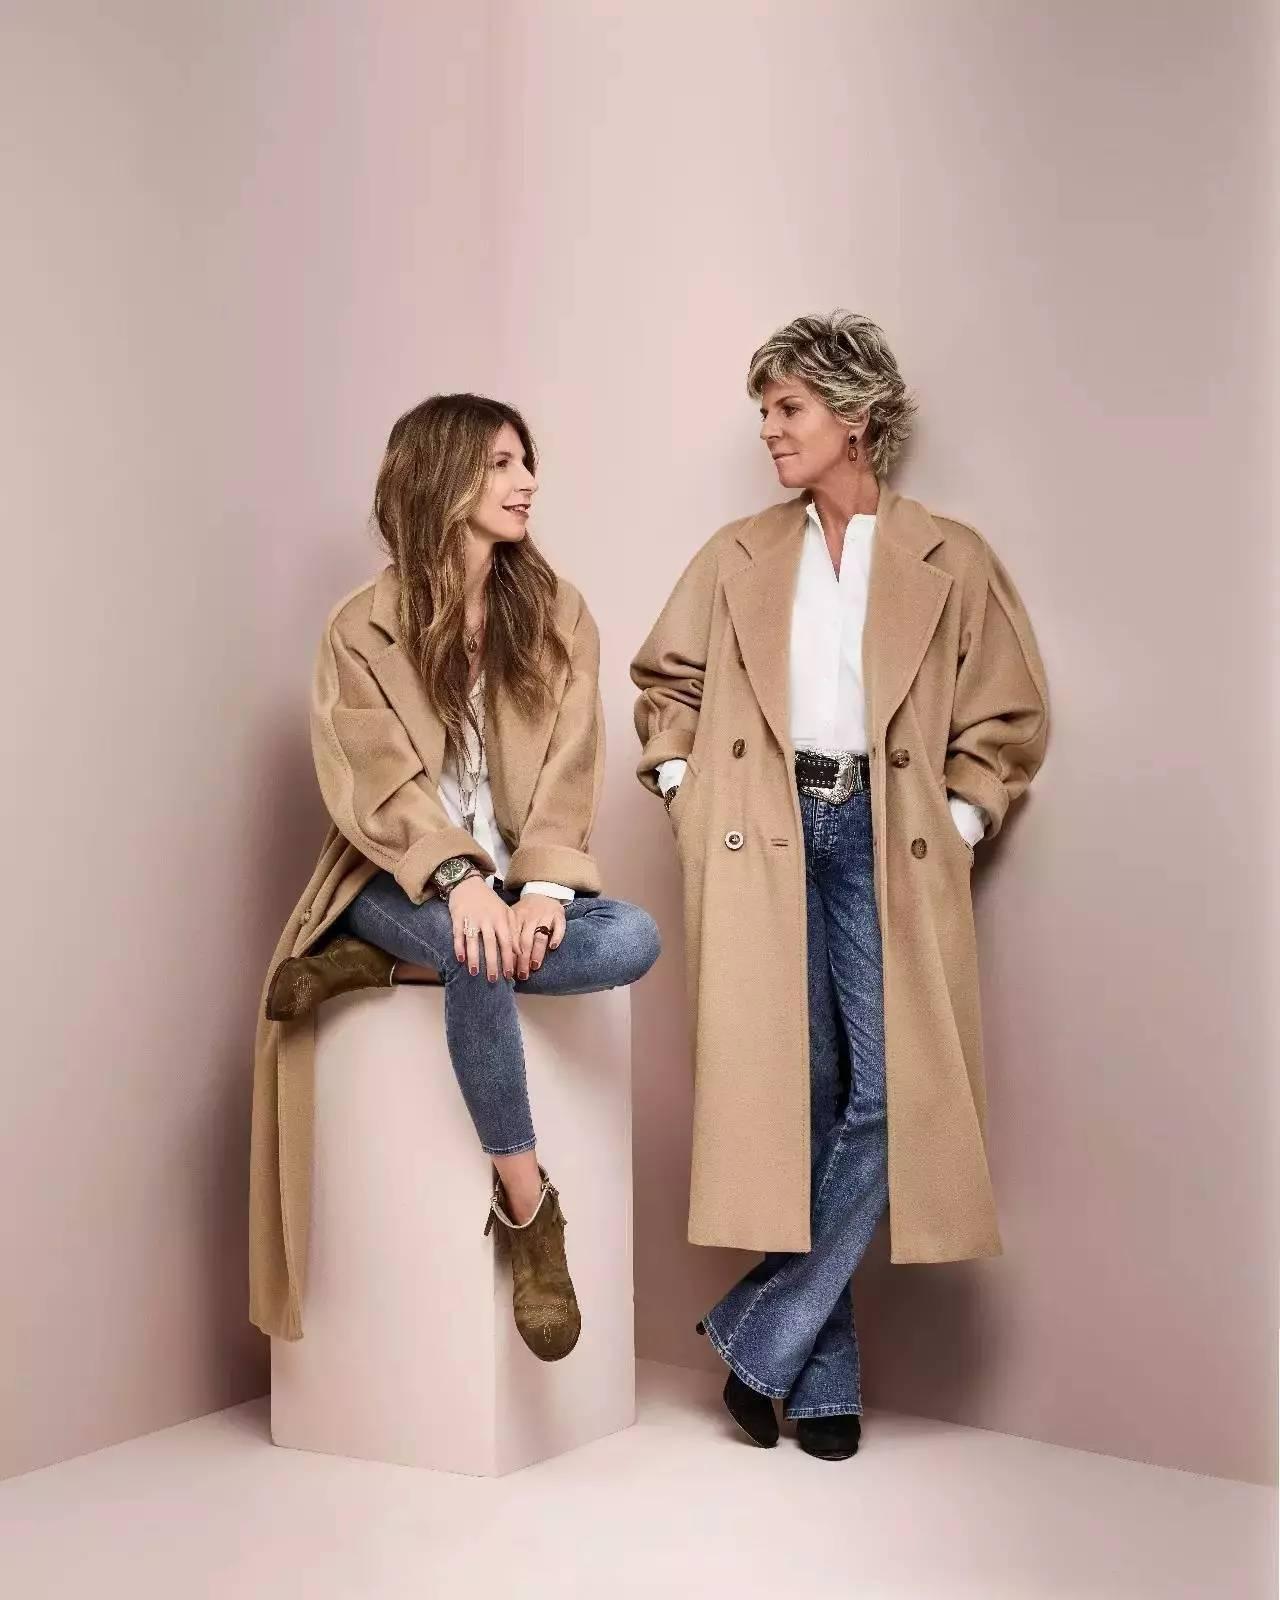 上班换丝袜_一件大衣就要上万元的 MaxMara,到底有什么稀罕的?